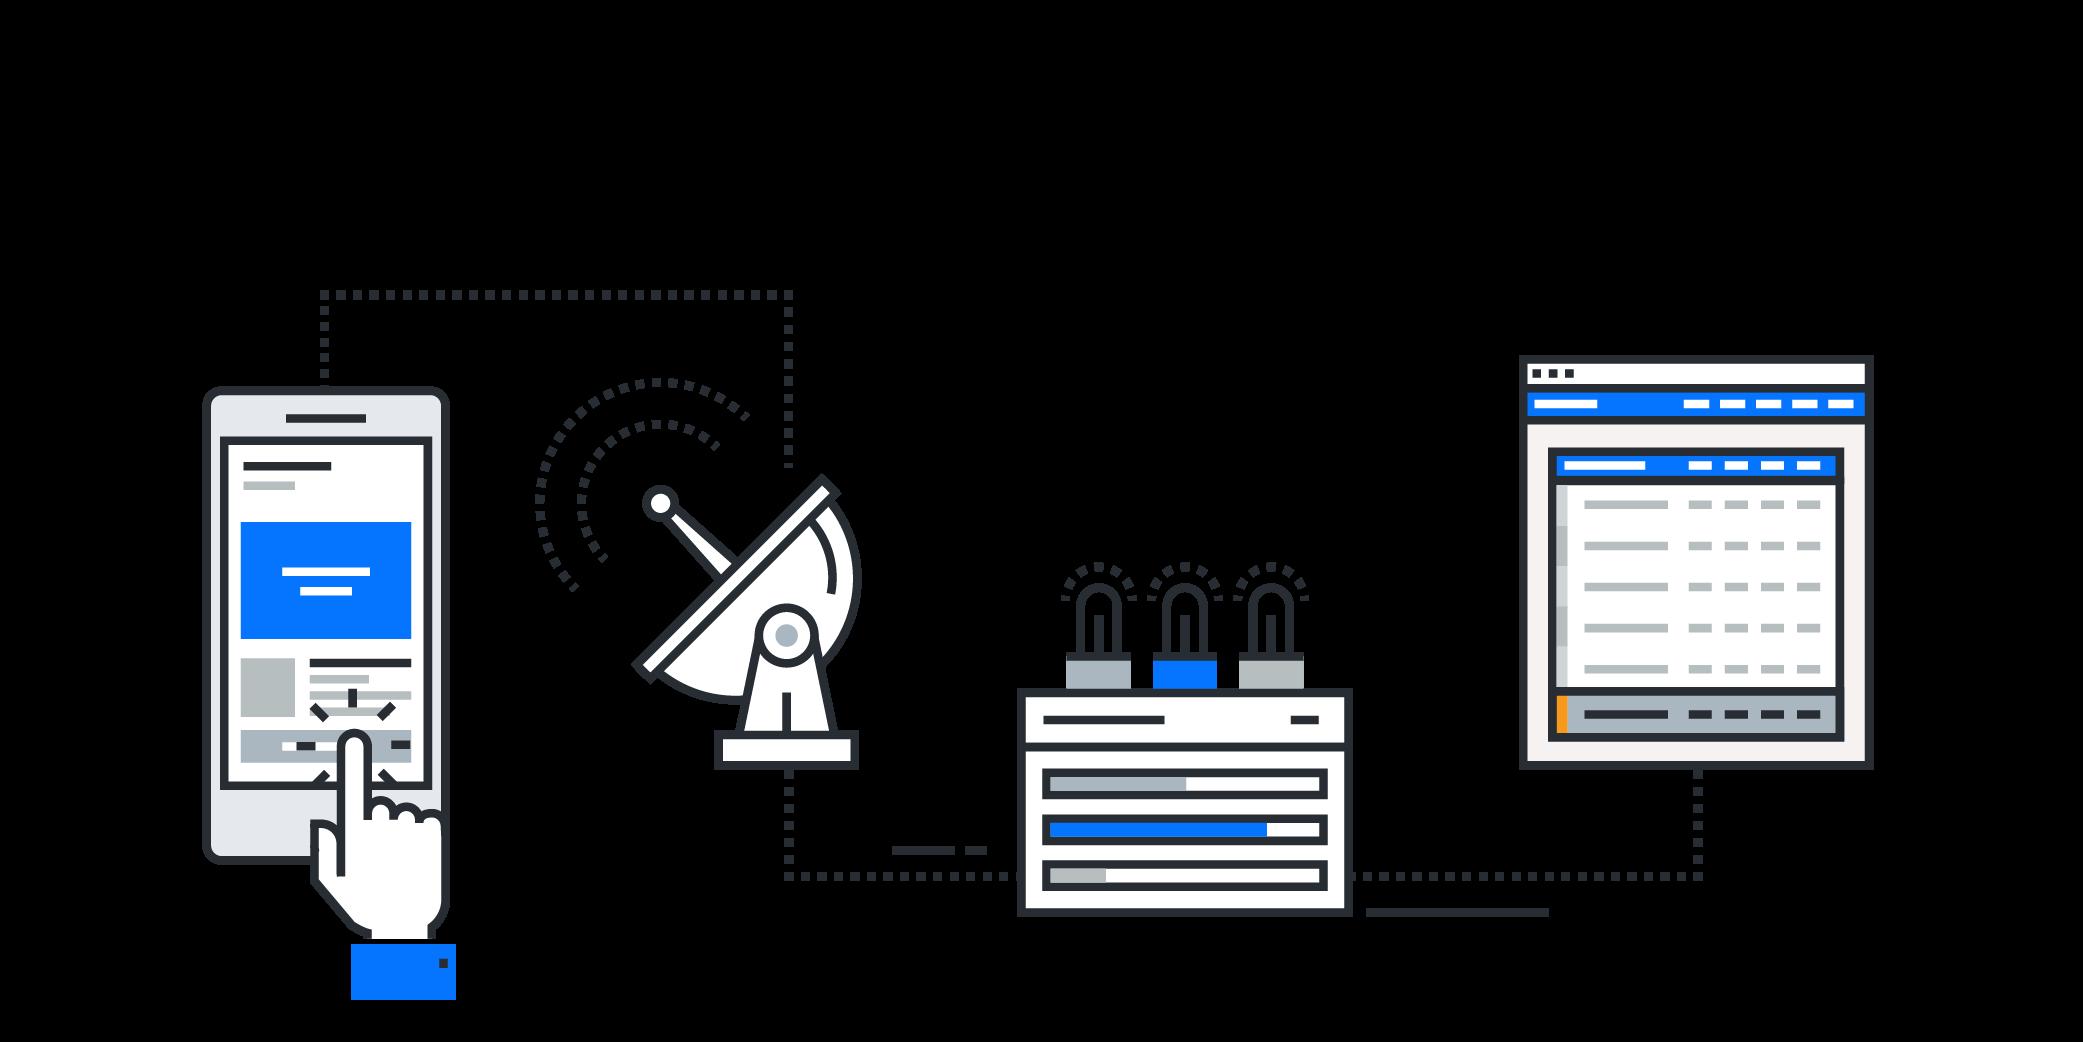 AMA16 api - Search Engine Optimisation